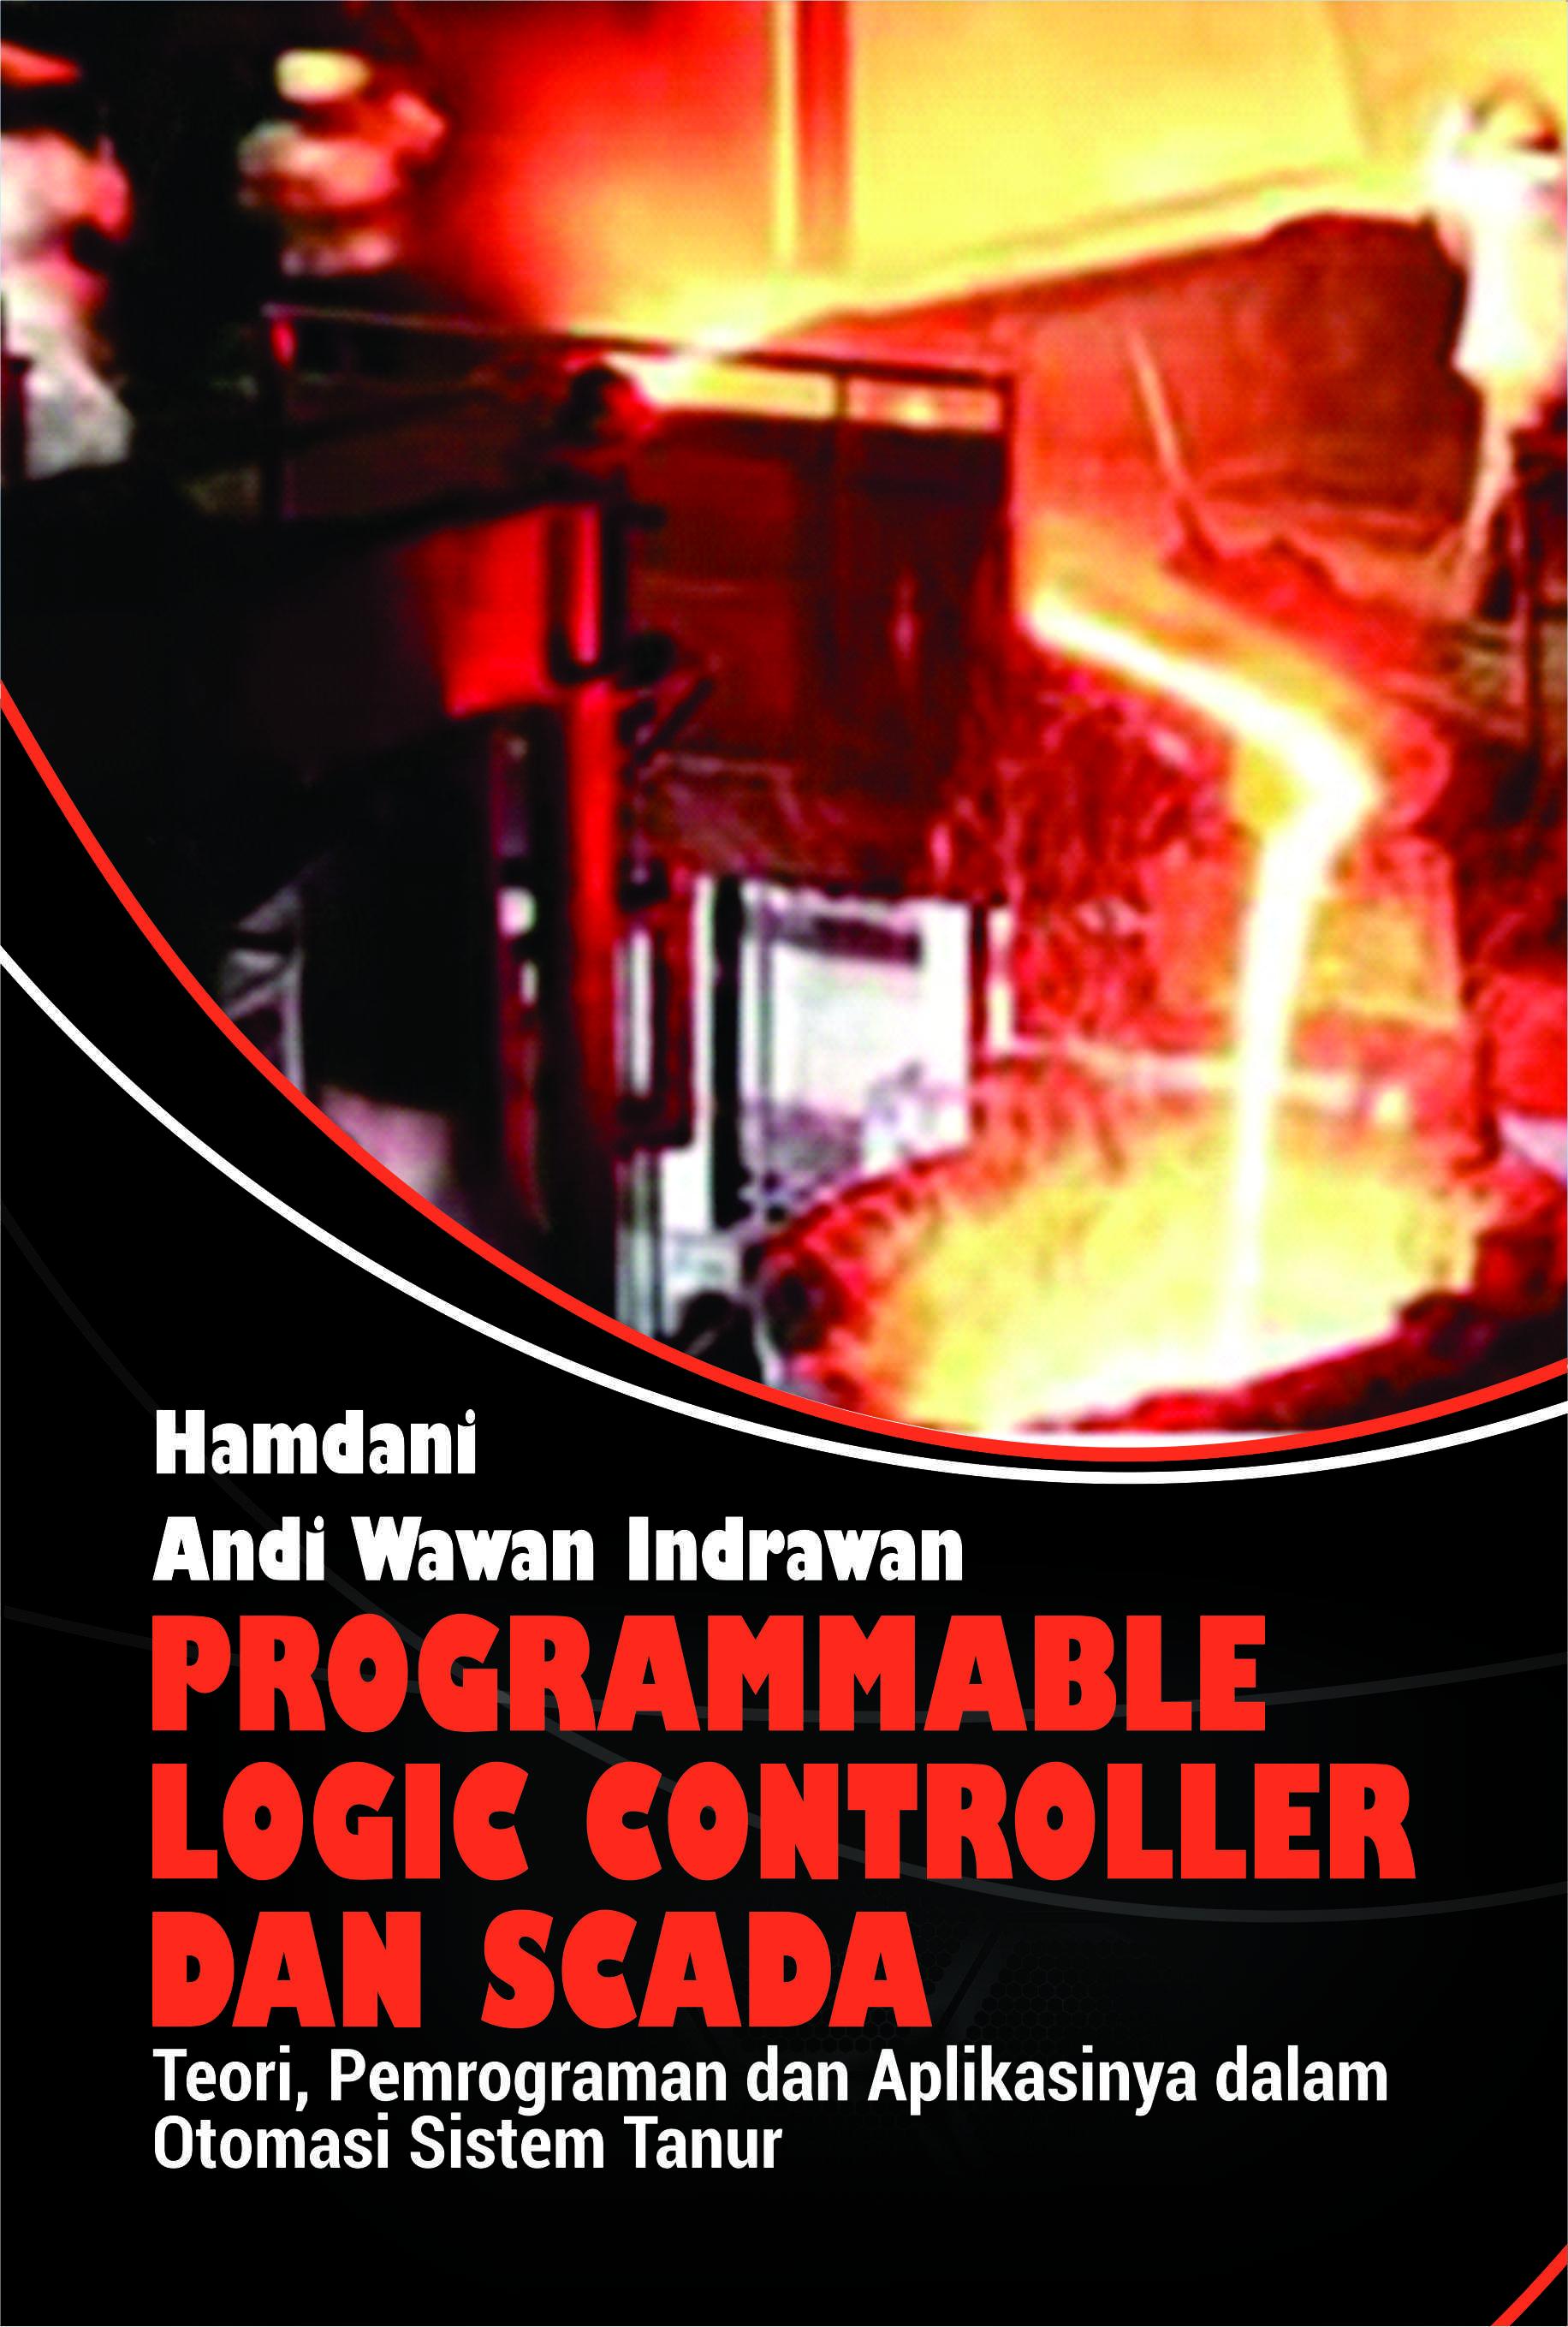 Programmable logic controller dan scada [sumber elektronis] : teori, pemrograman dan aplikasinya dalam otomasi sistem tanur